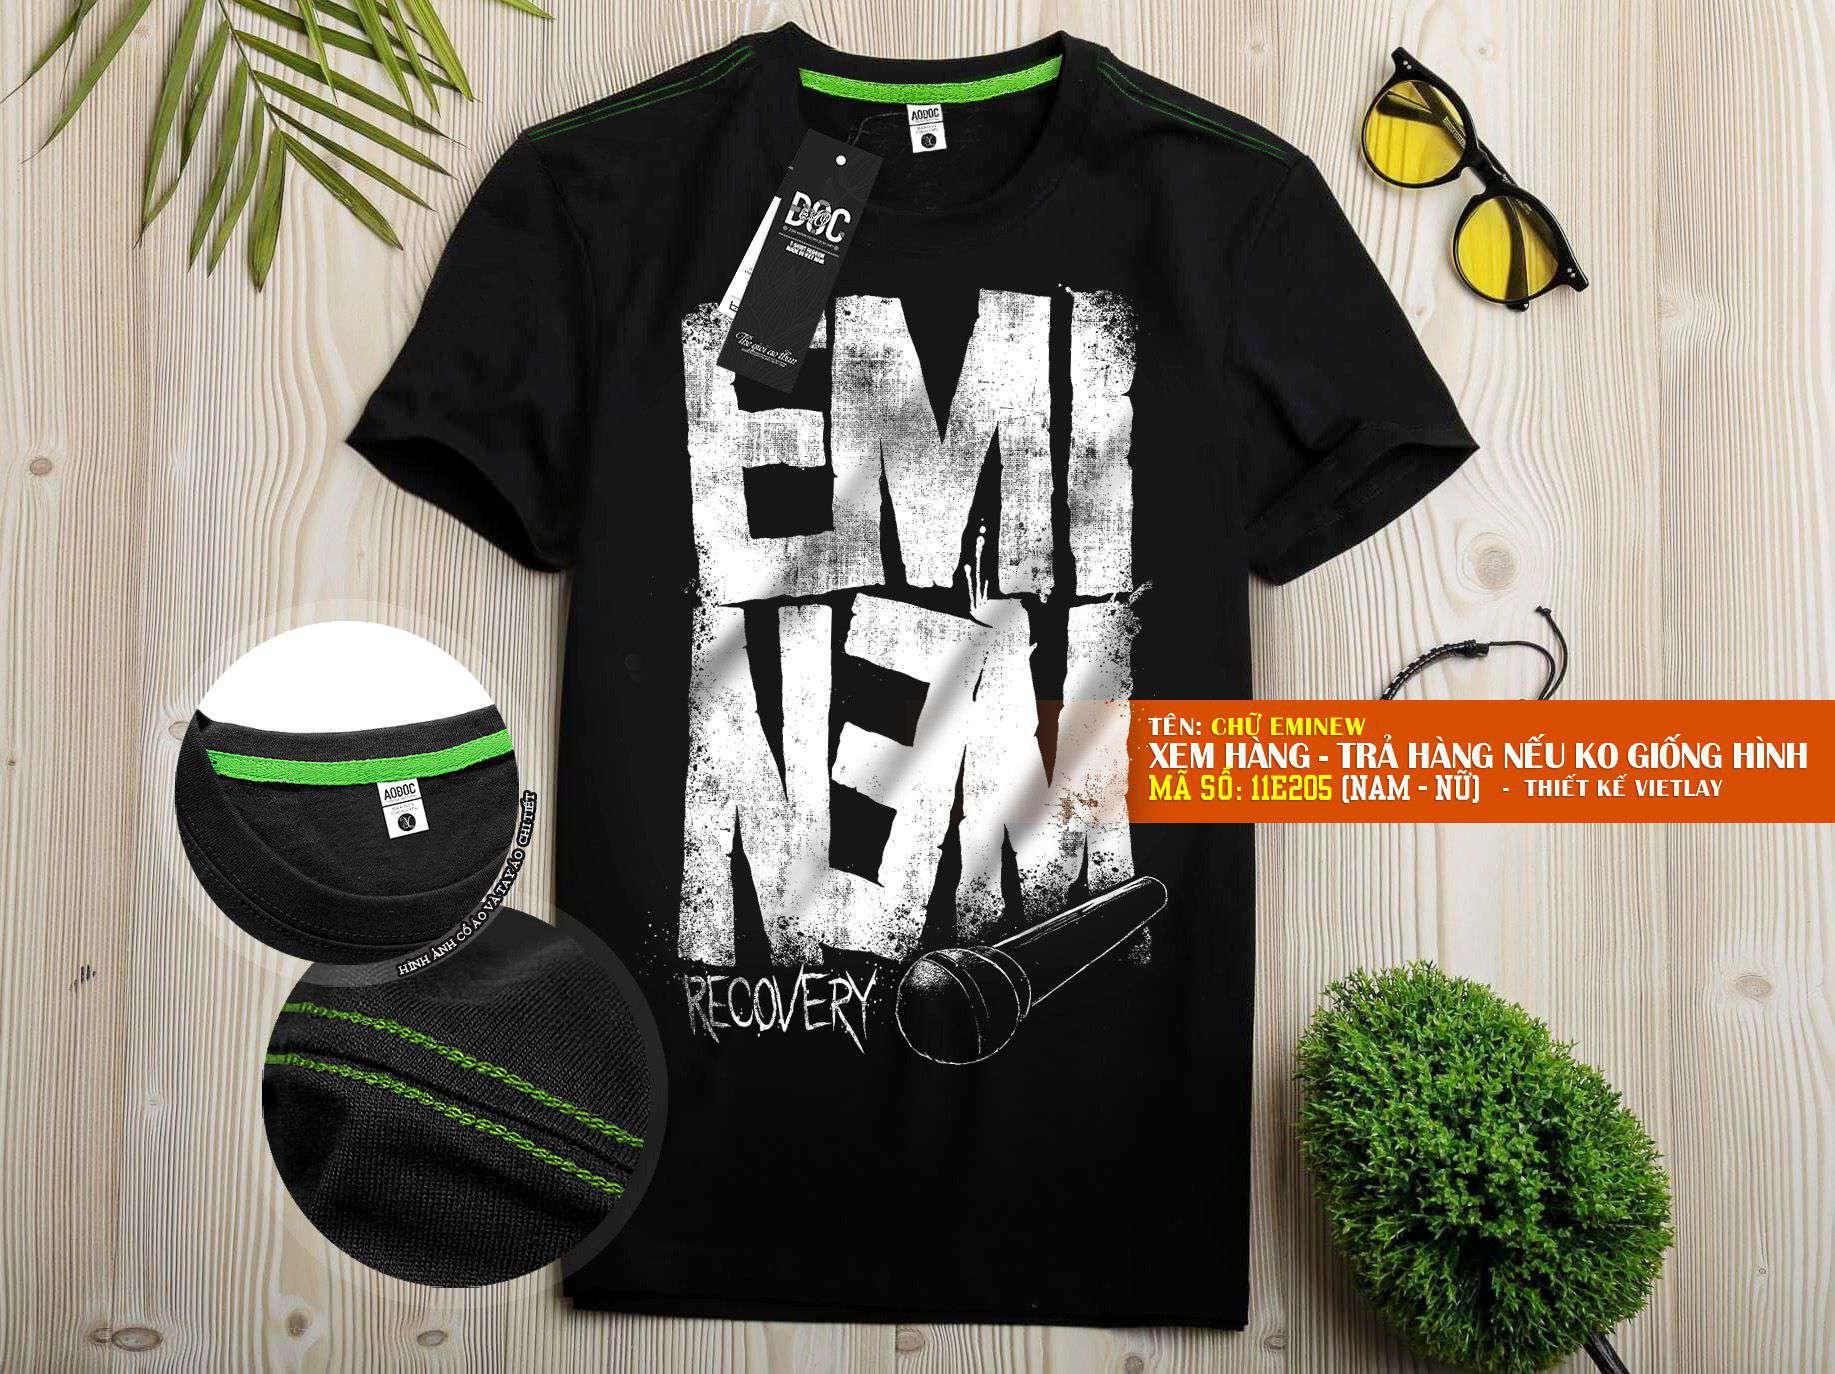 11e205 Eminew